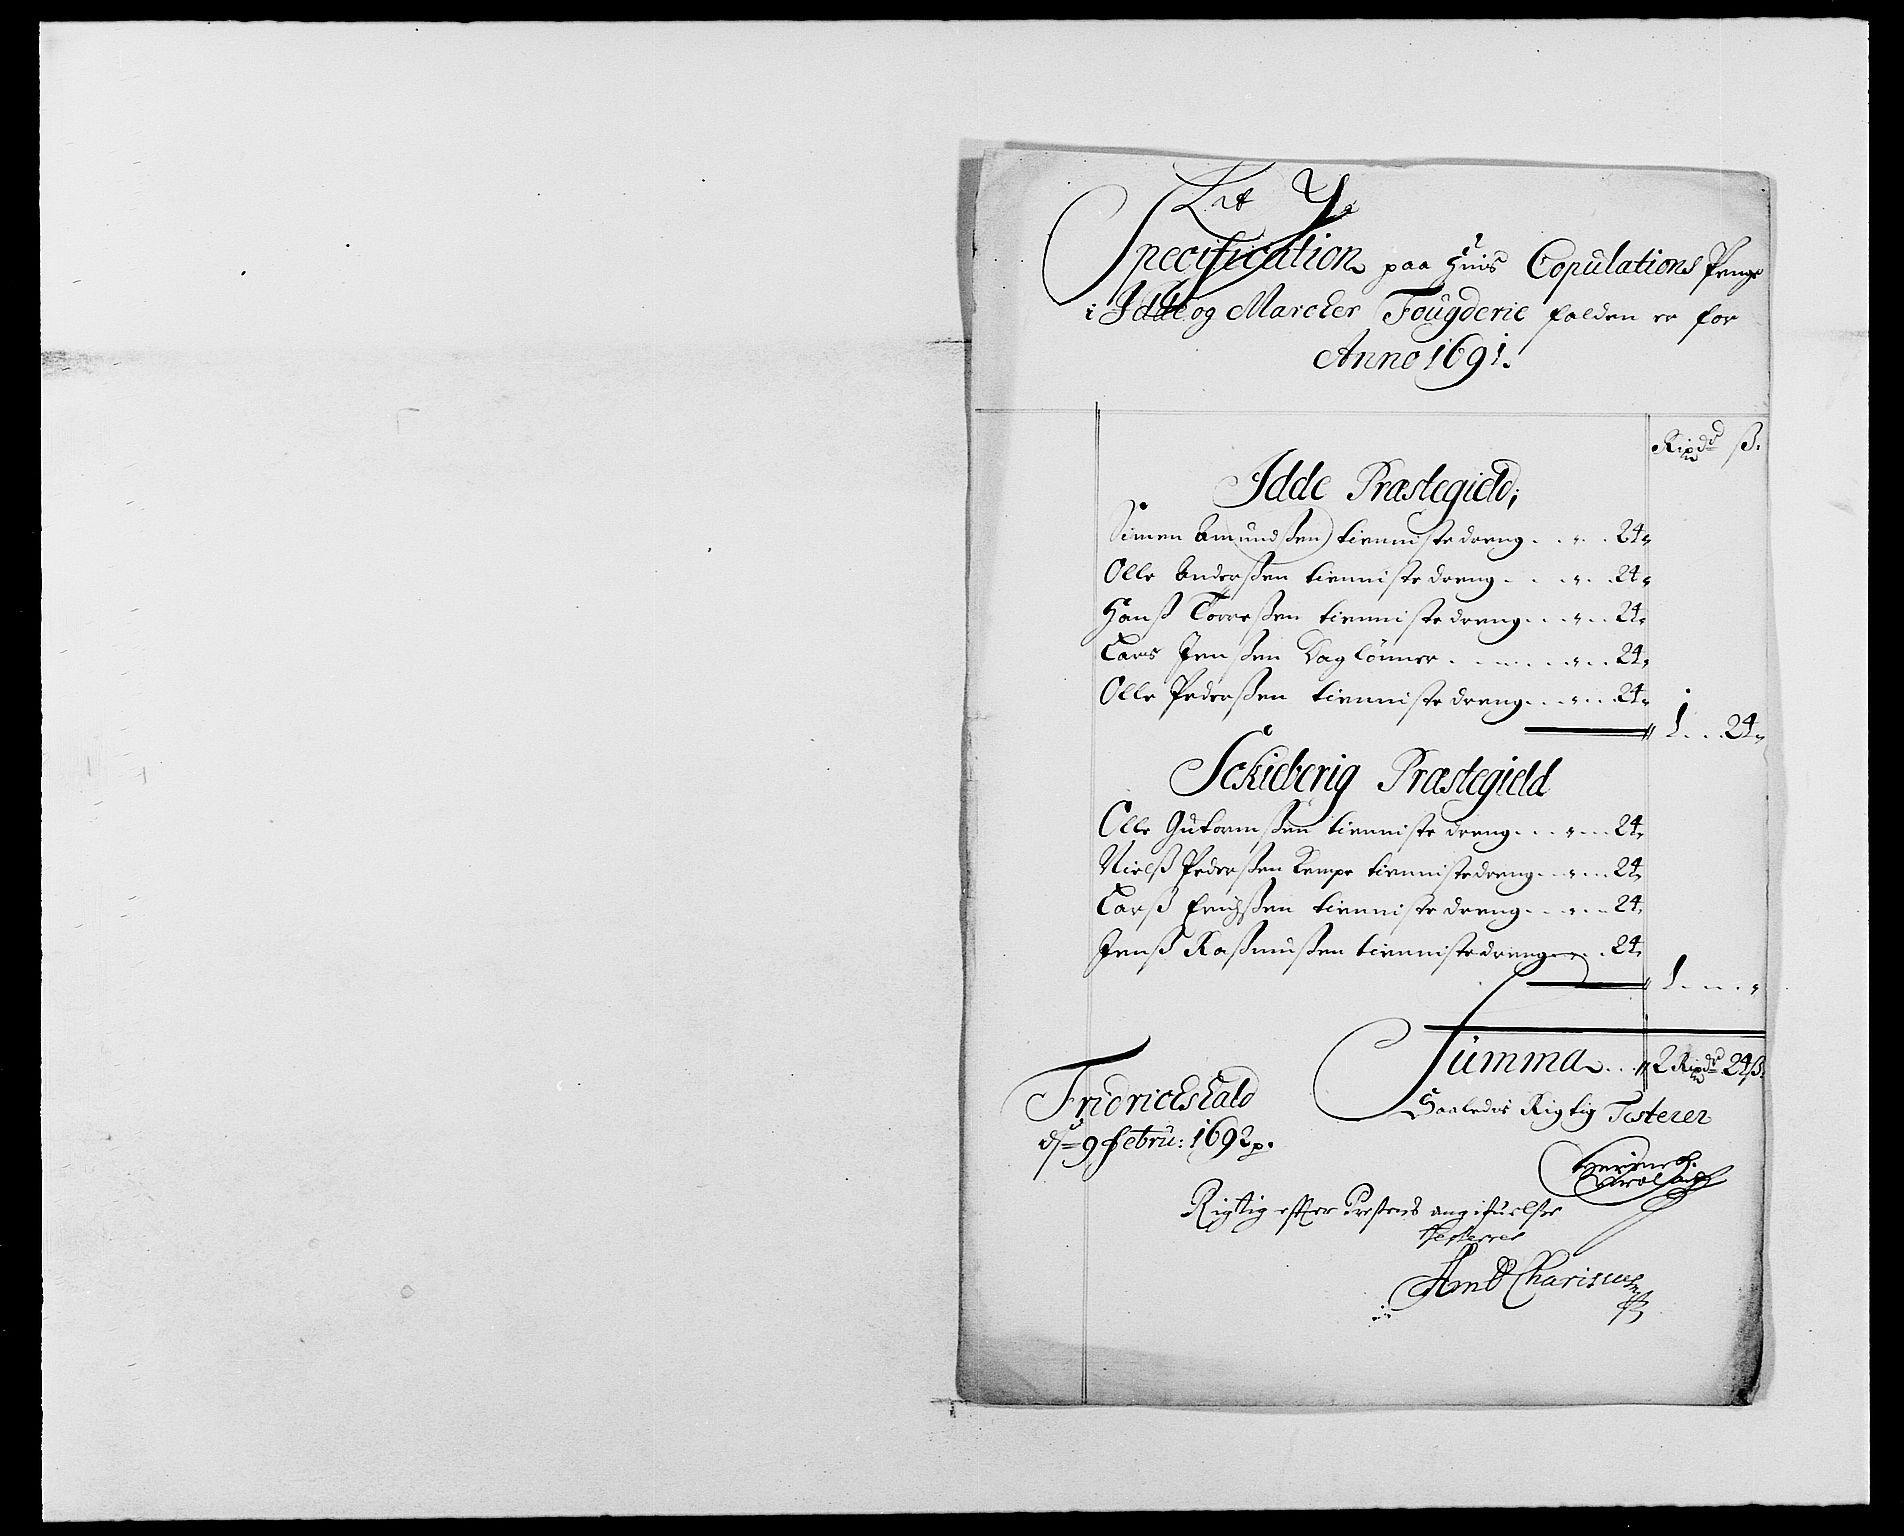 RA, Rentekammeret inntil 1814, Reviderte regnskaper, Fogderegnskap, R01/L0010: Fogderegnskap Idd og Marker, 1690-1691, s. 416